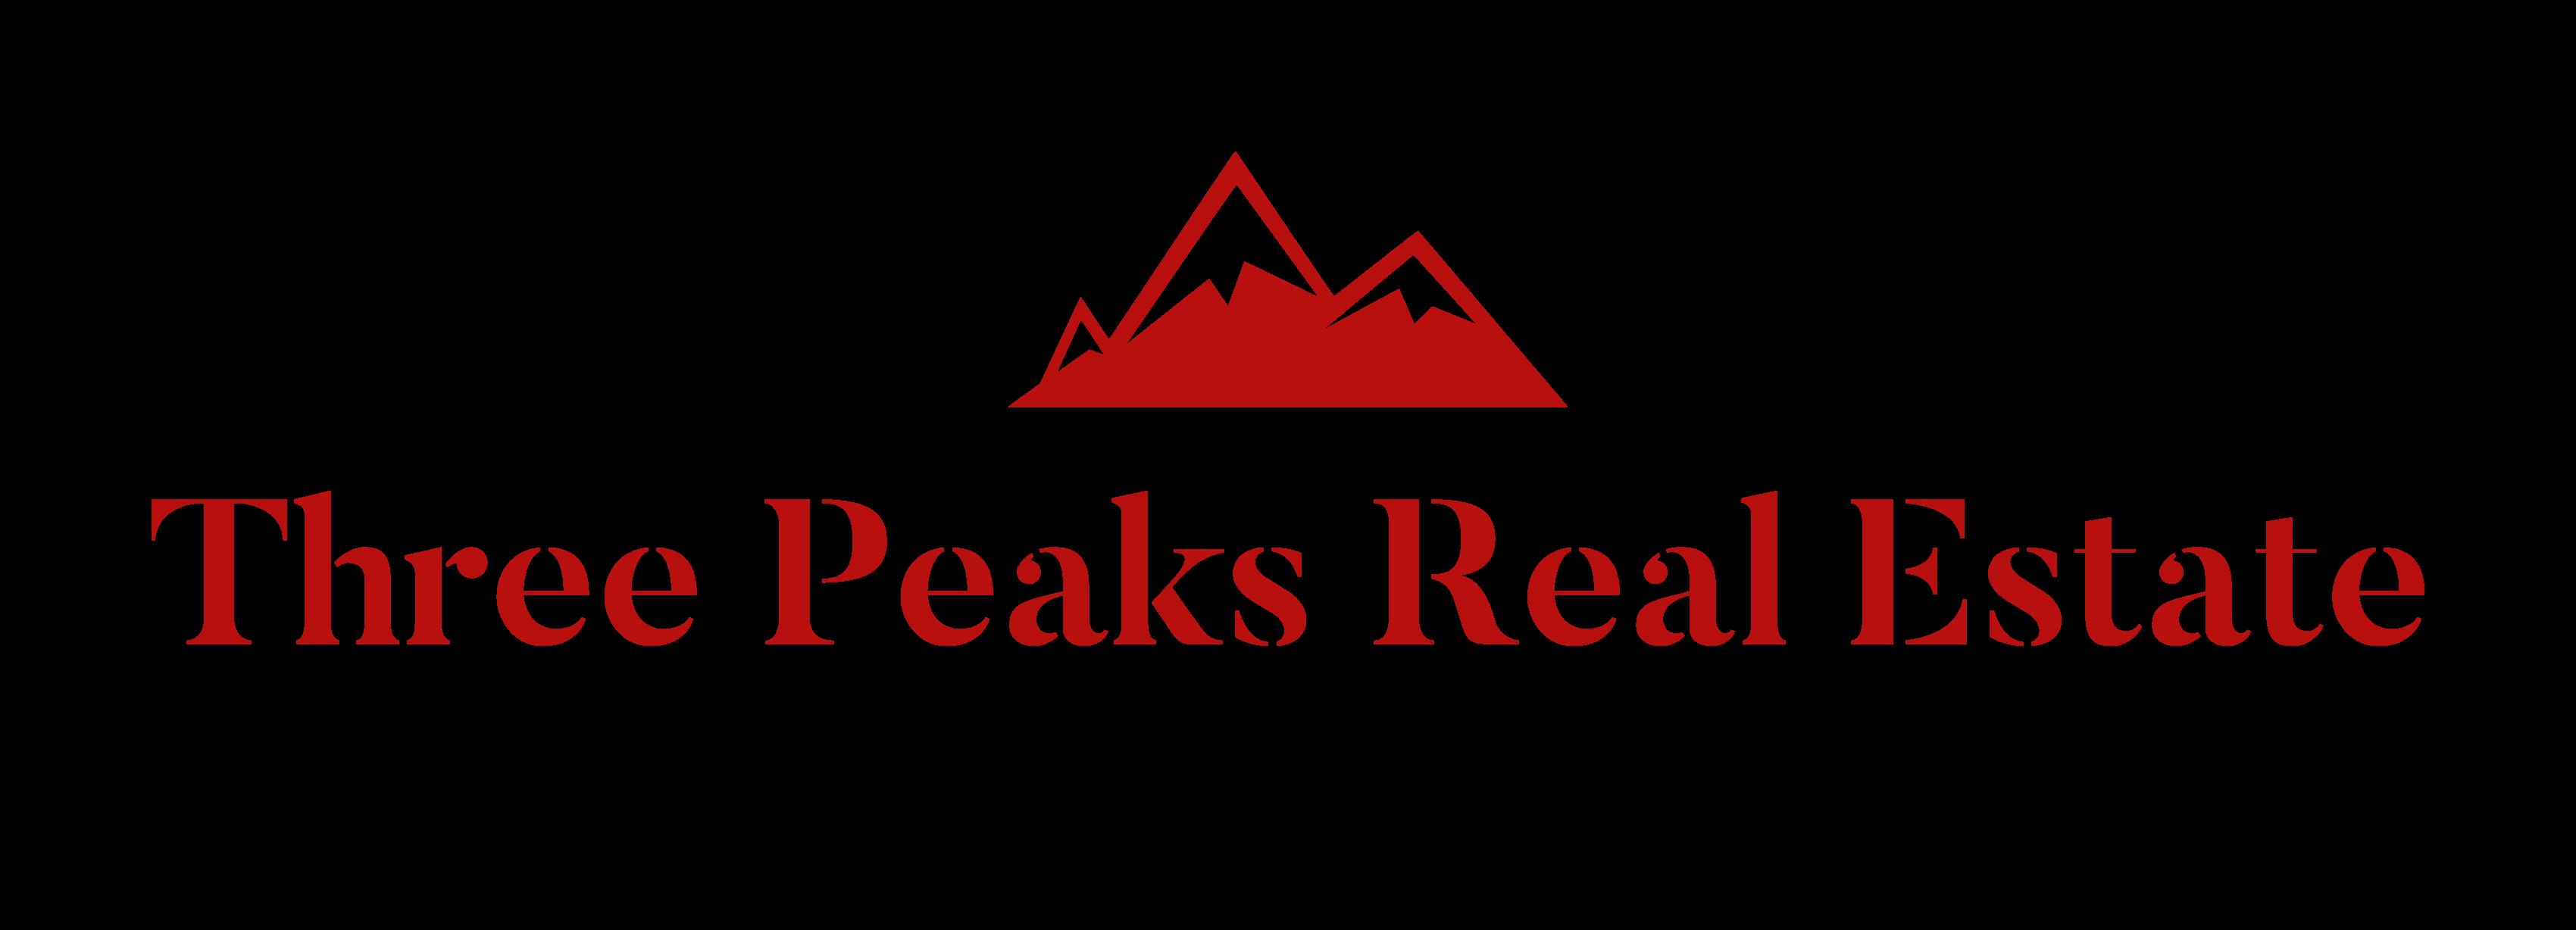 Three Peaks Real Estate